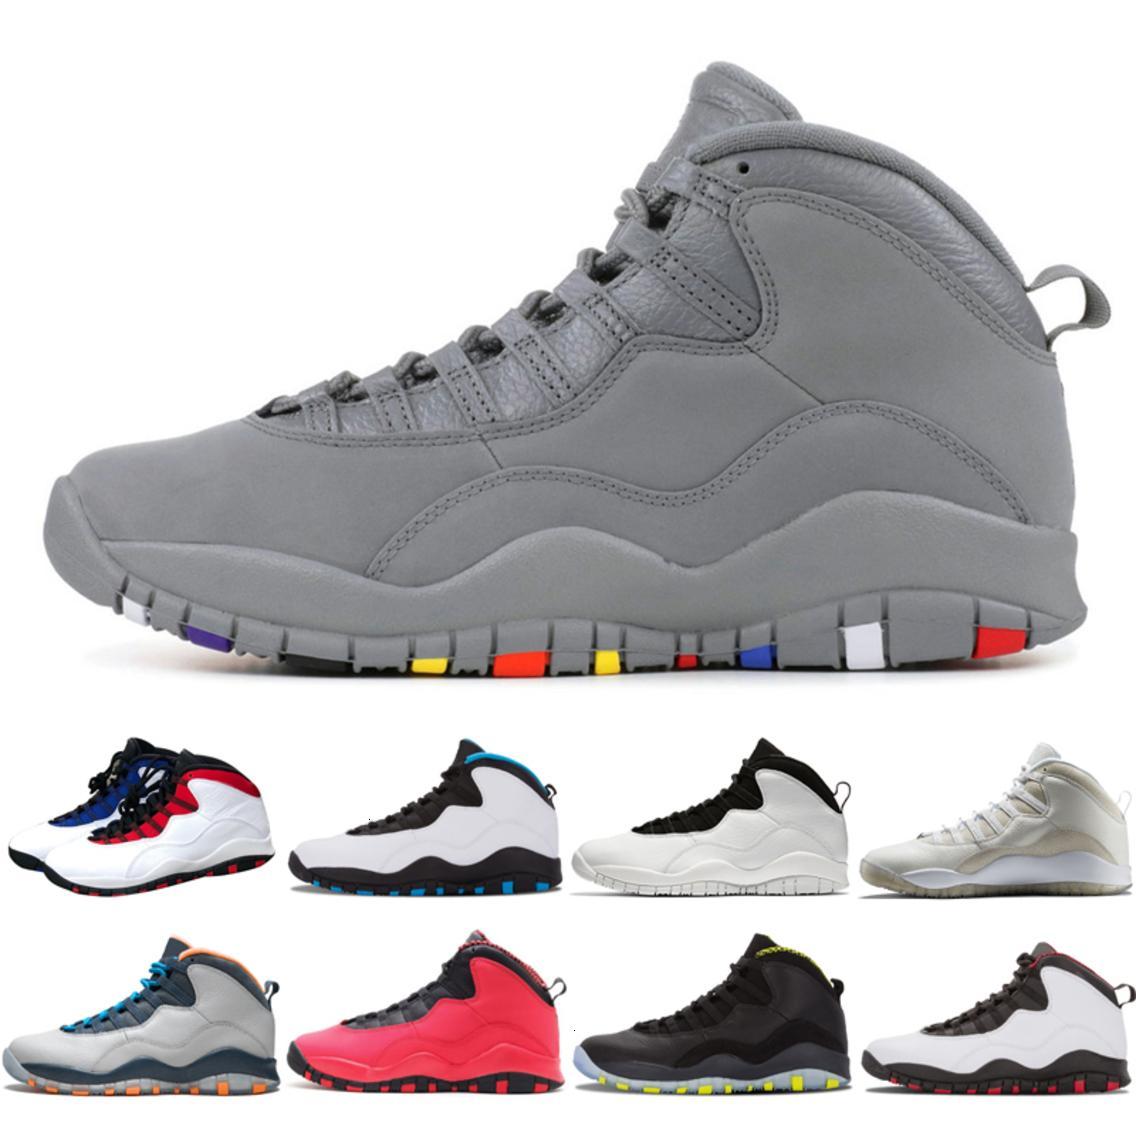 Tinker 10 10s Zement Westbrook Klasse von 2006 Männer Basketballschuhe Weiß Schwarz Stahl grau Chicago Pow Nakeskin Sneaker